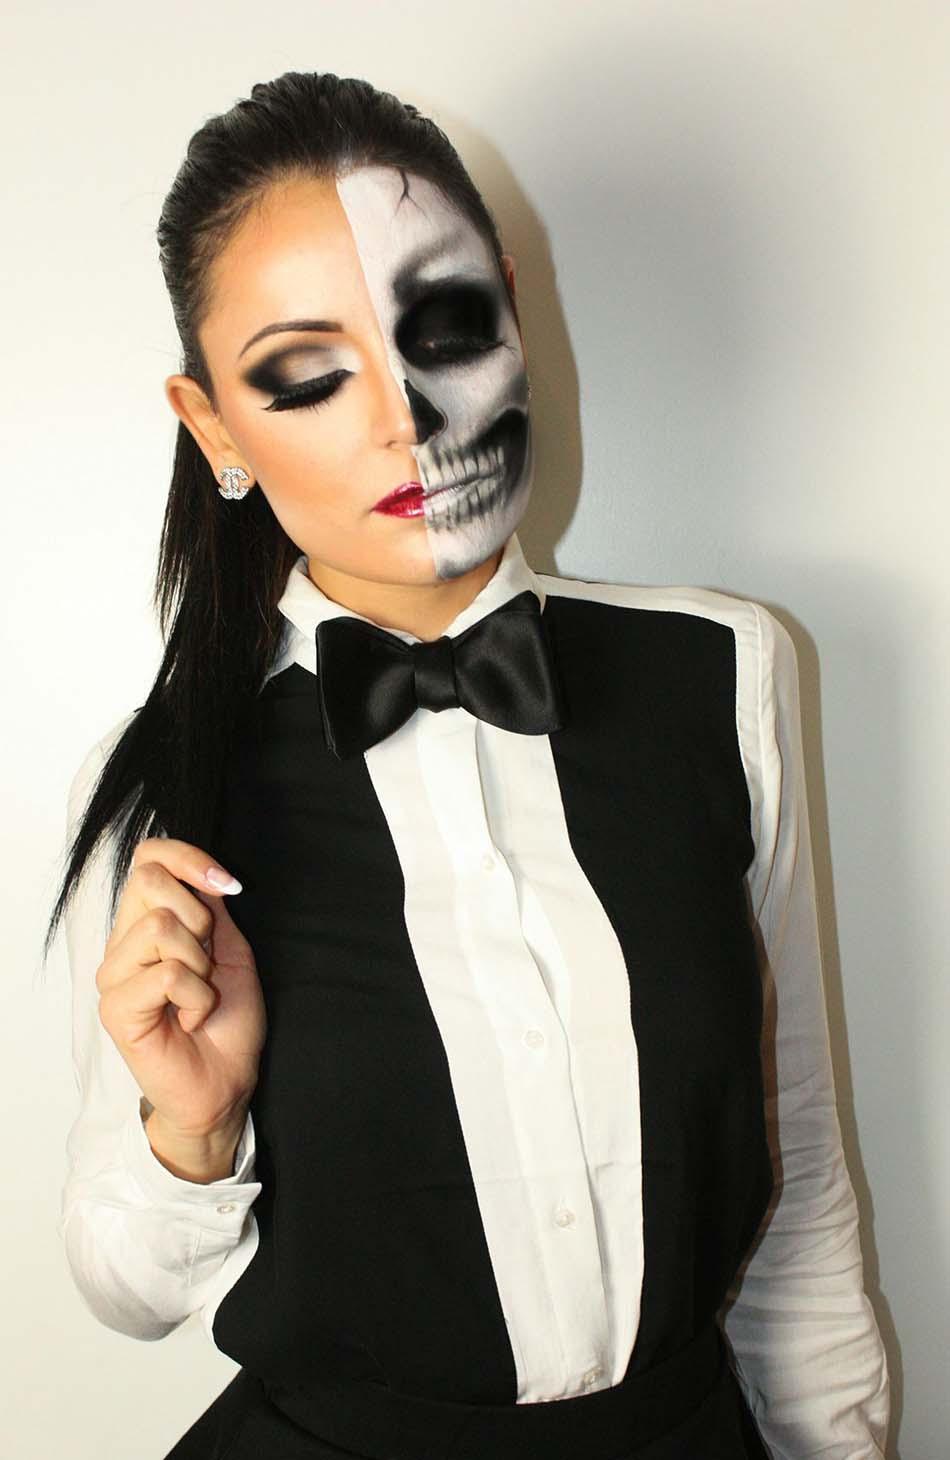 Maquillage halloween homme, la bonne technique pour faire peur